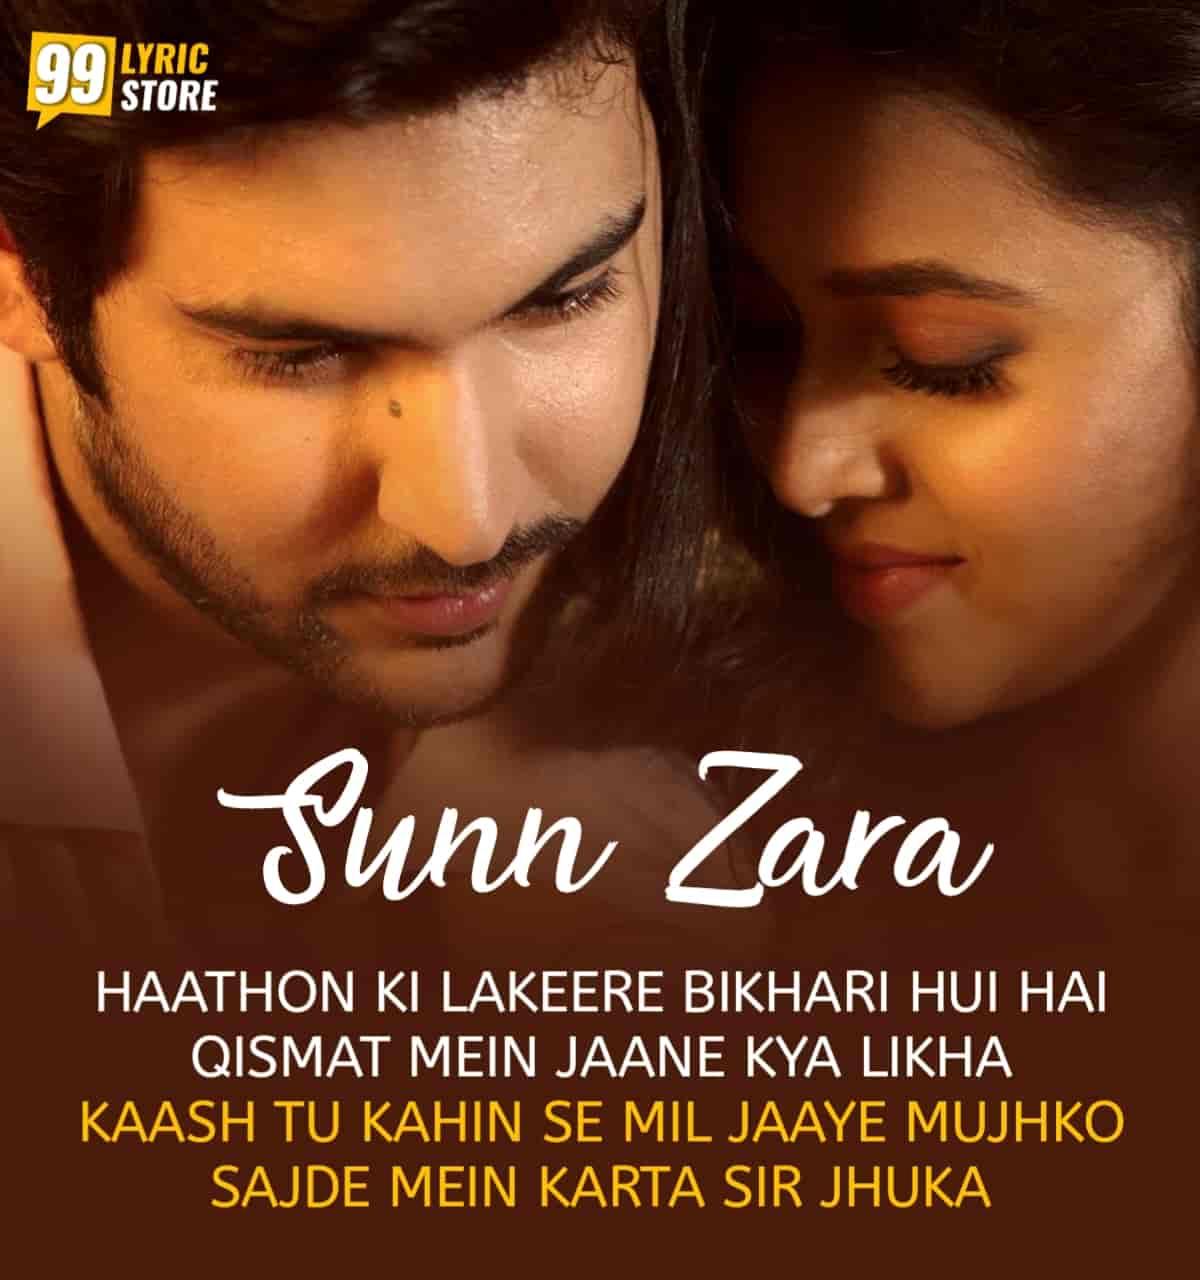 Sunn Zara Hindi Song Image Features Shivin Narang and Tejasswi Prakash